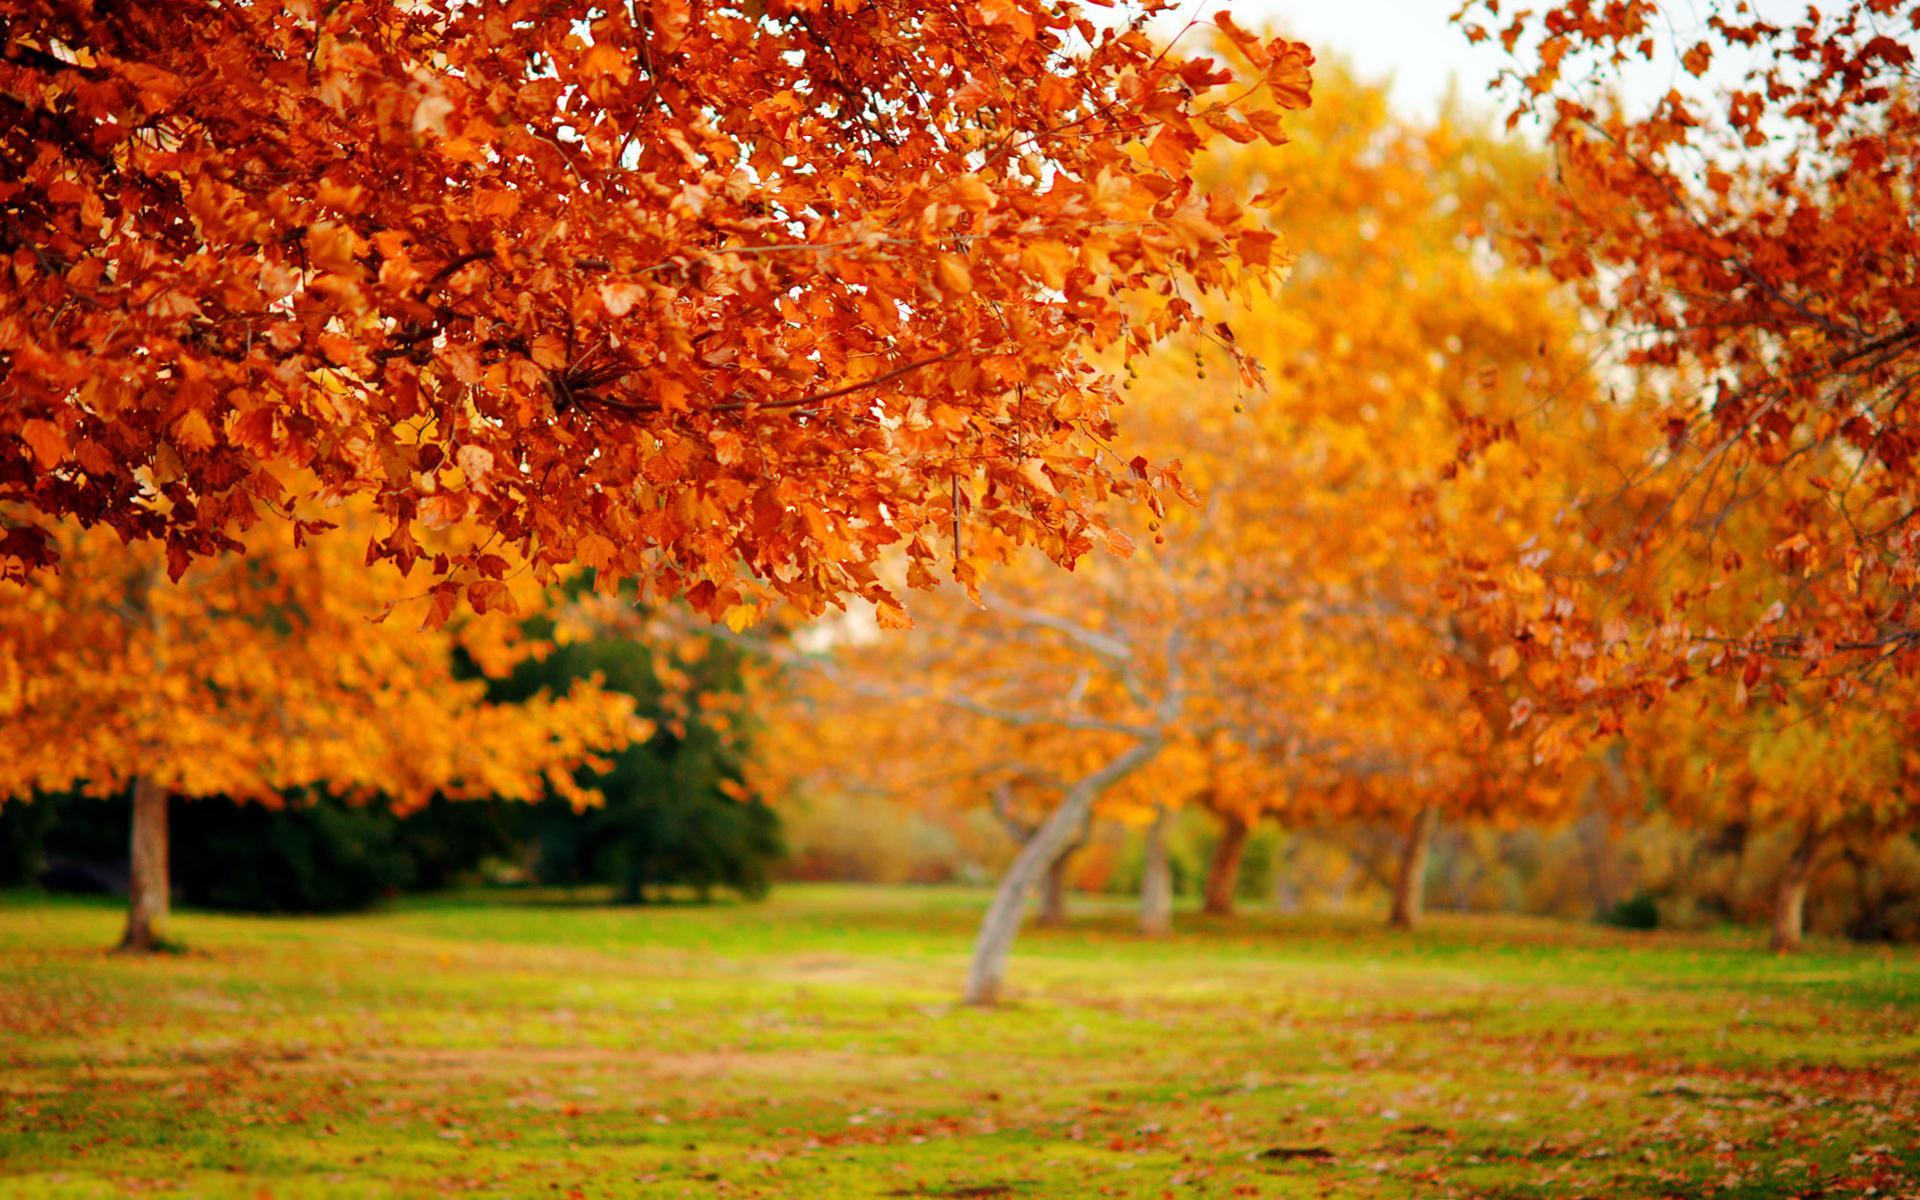 26126 скачать обои Пейзаж, Деревья, Осень, Листья - заставки и картинки бесплатно